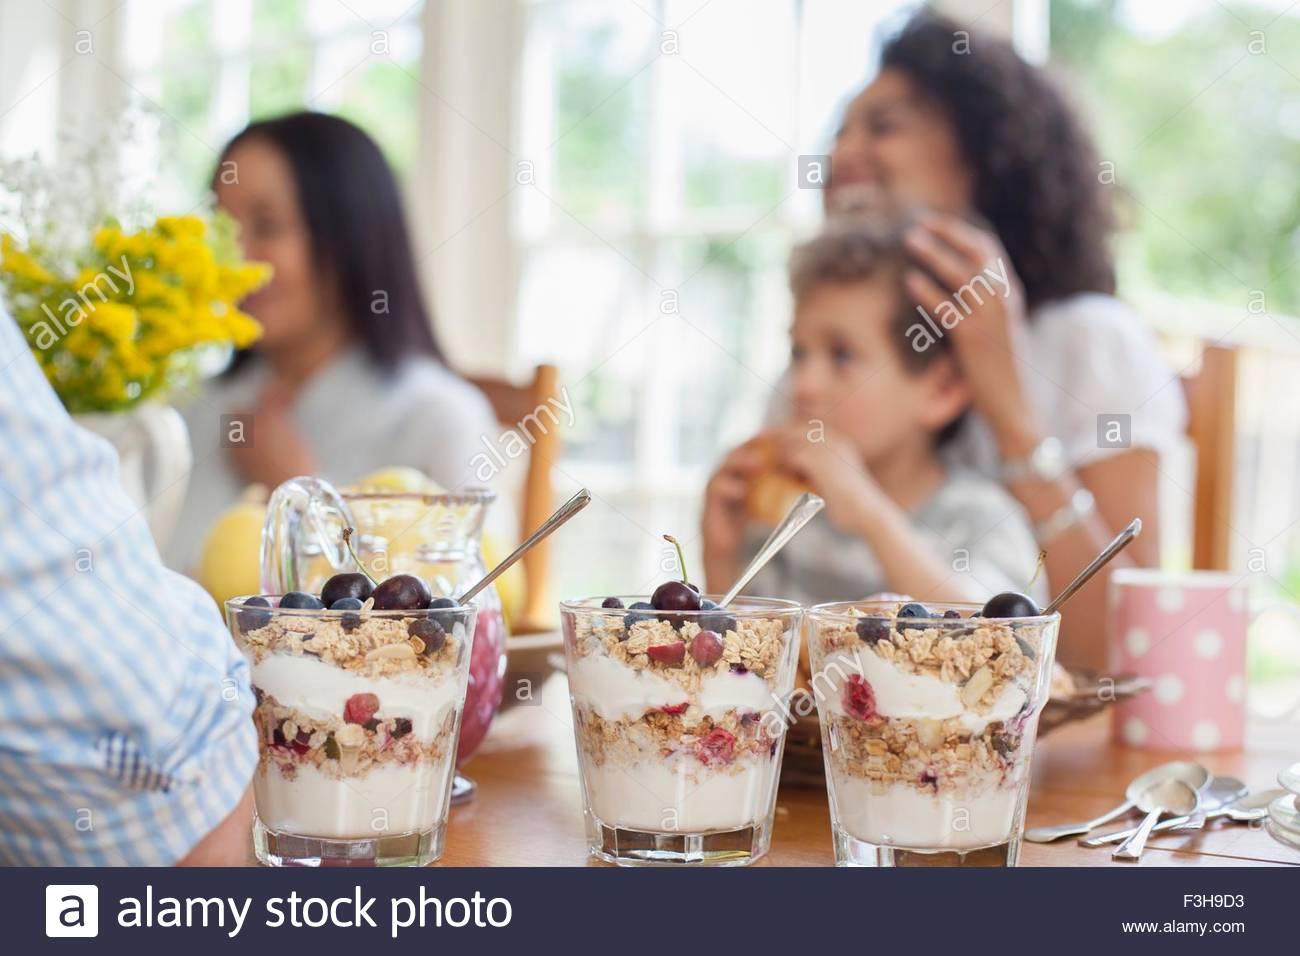 Godendo della famiglia pasto insieme, concentrarsi su dessert in primo piano Immagini Stock